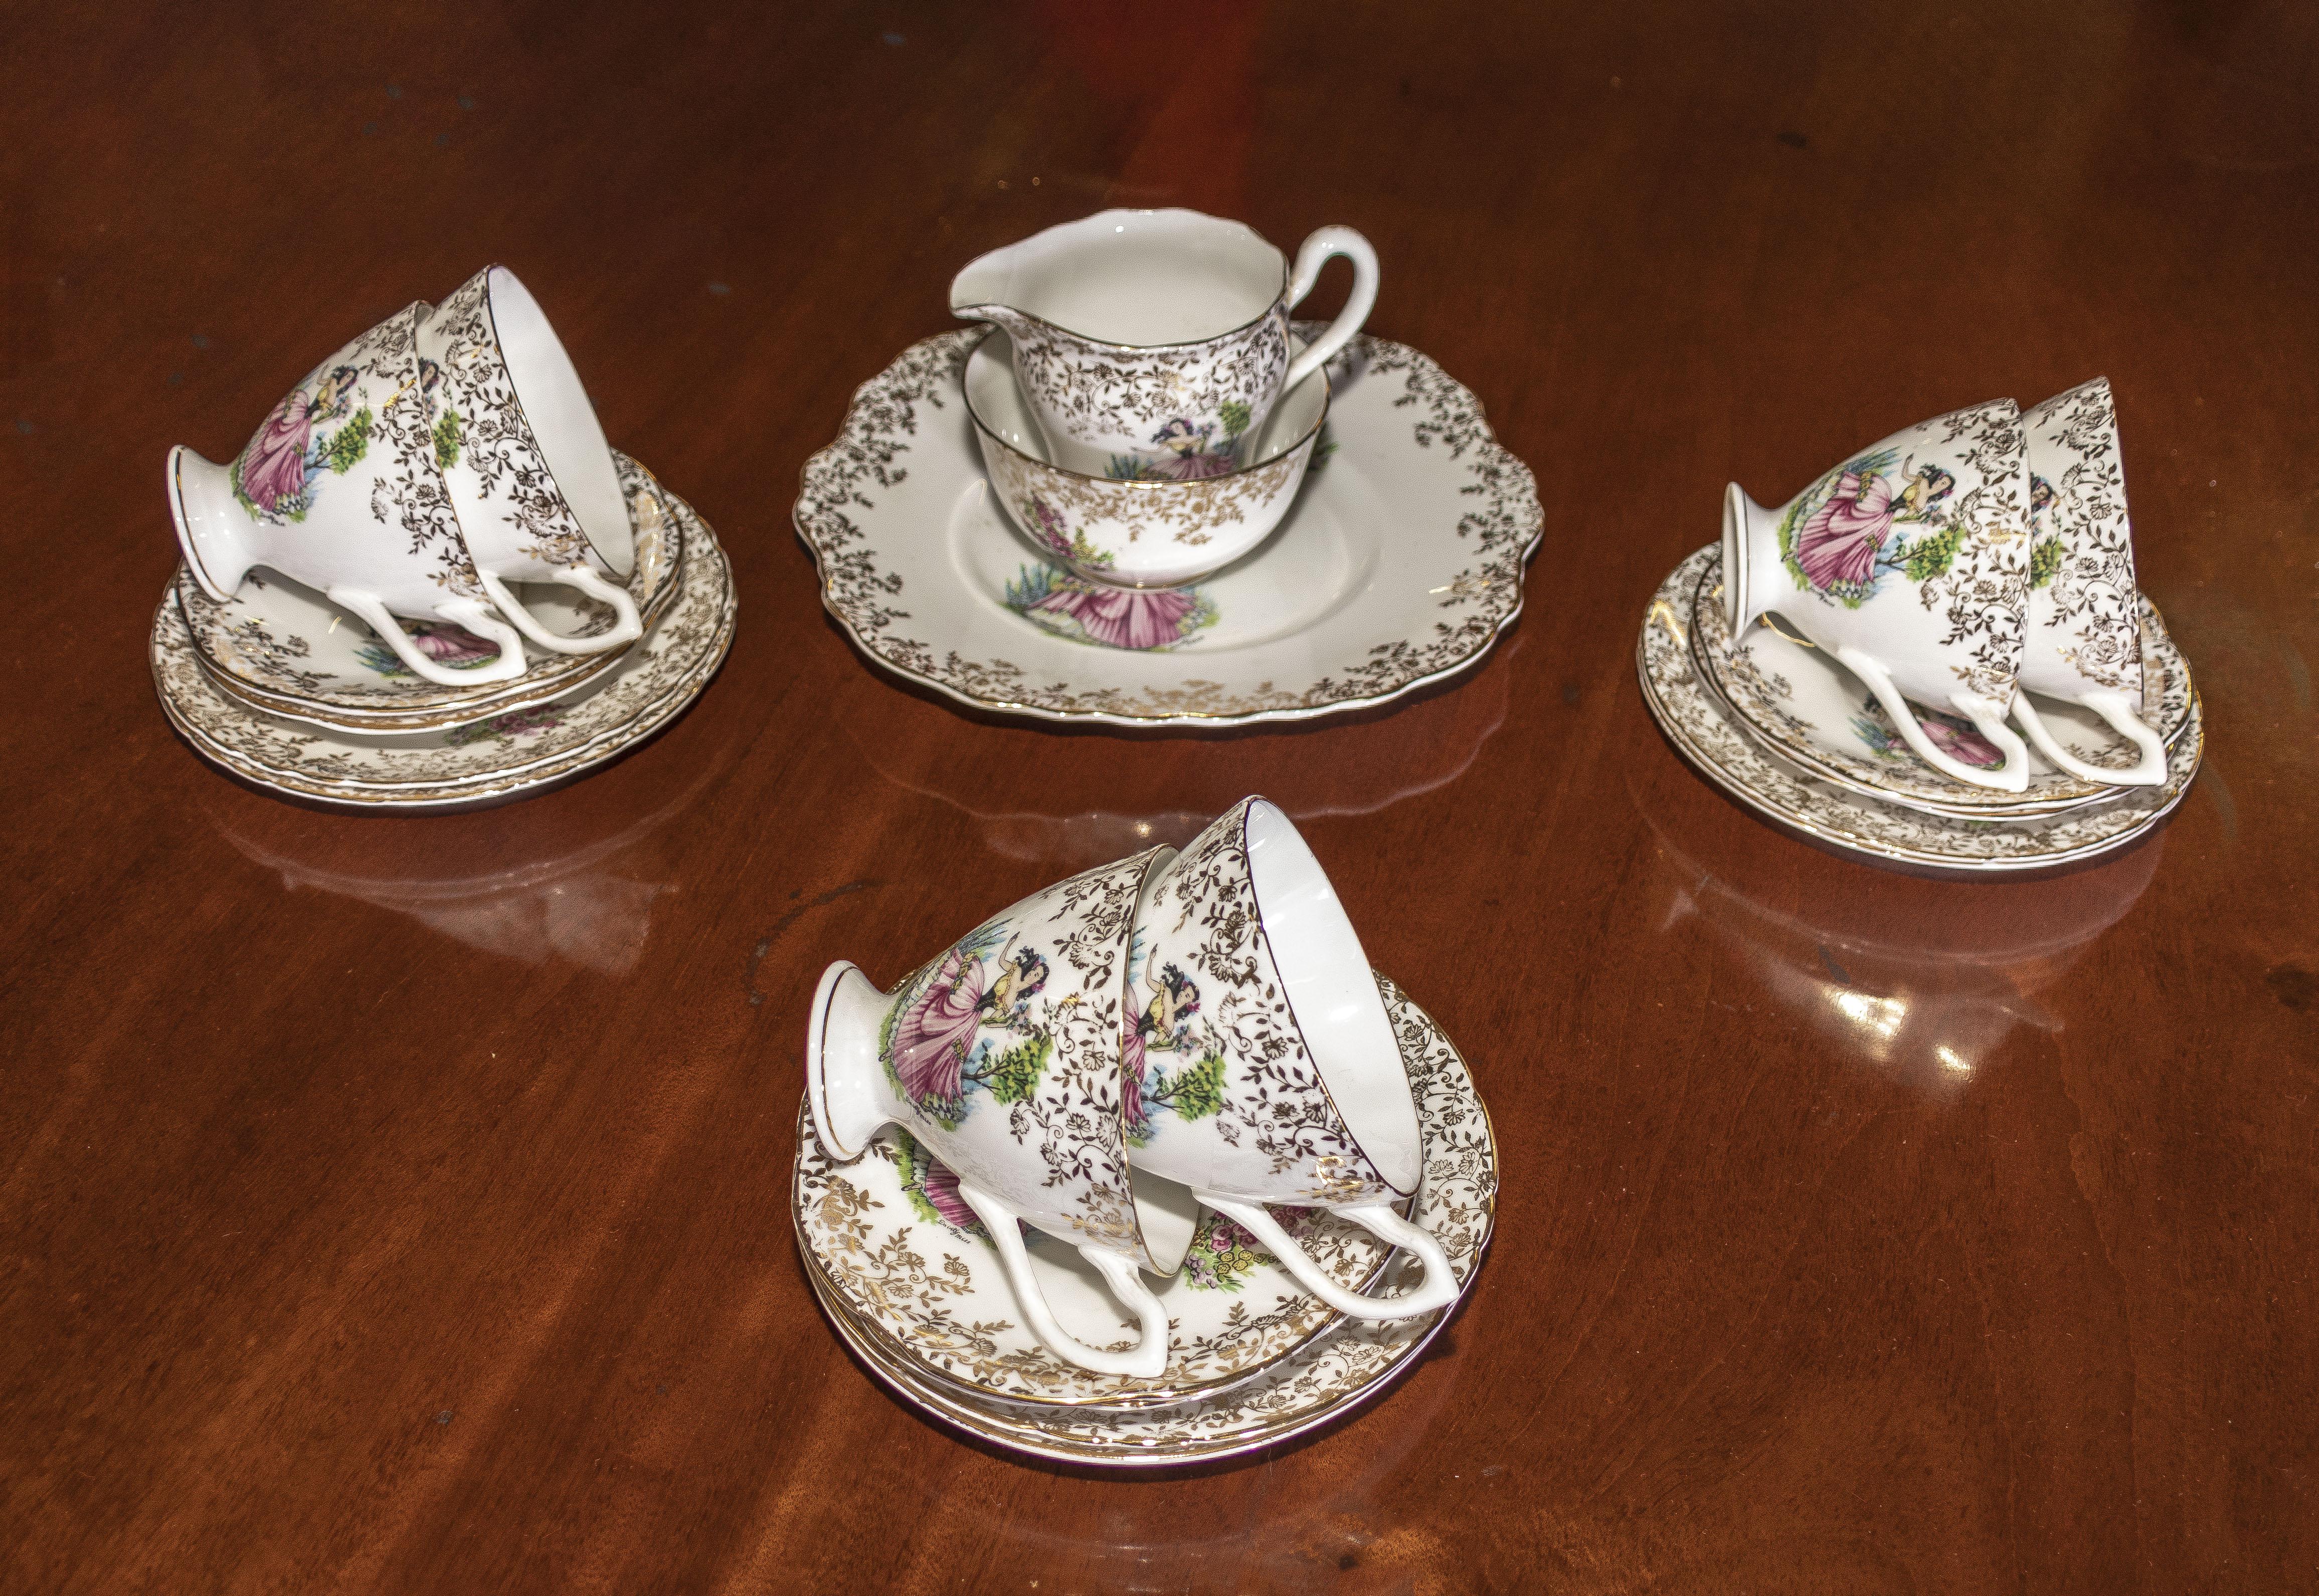 Lot 10 - A decorative part china tea set